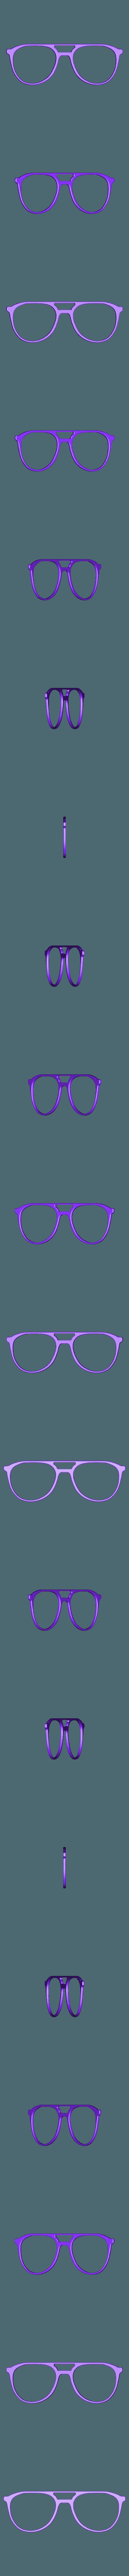 el_profesor_glasses_body.stl Download free STL file La Casa De Papel El Proffessor Glasses • 3D printing template, suatbatu